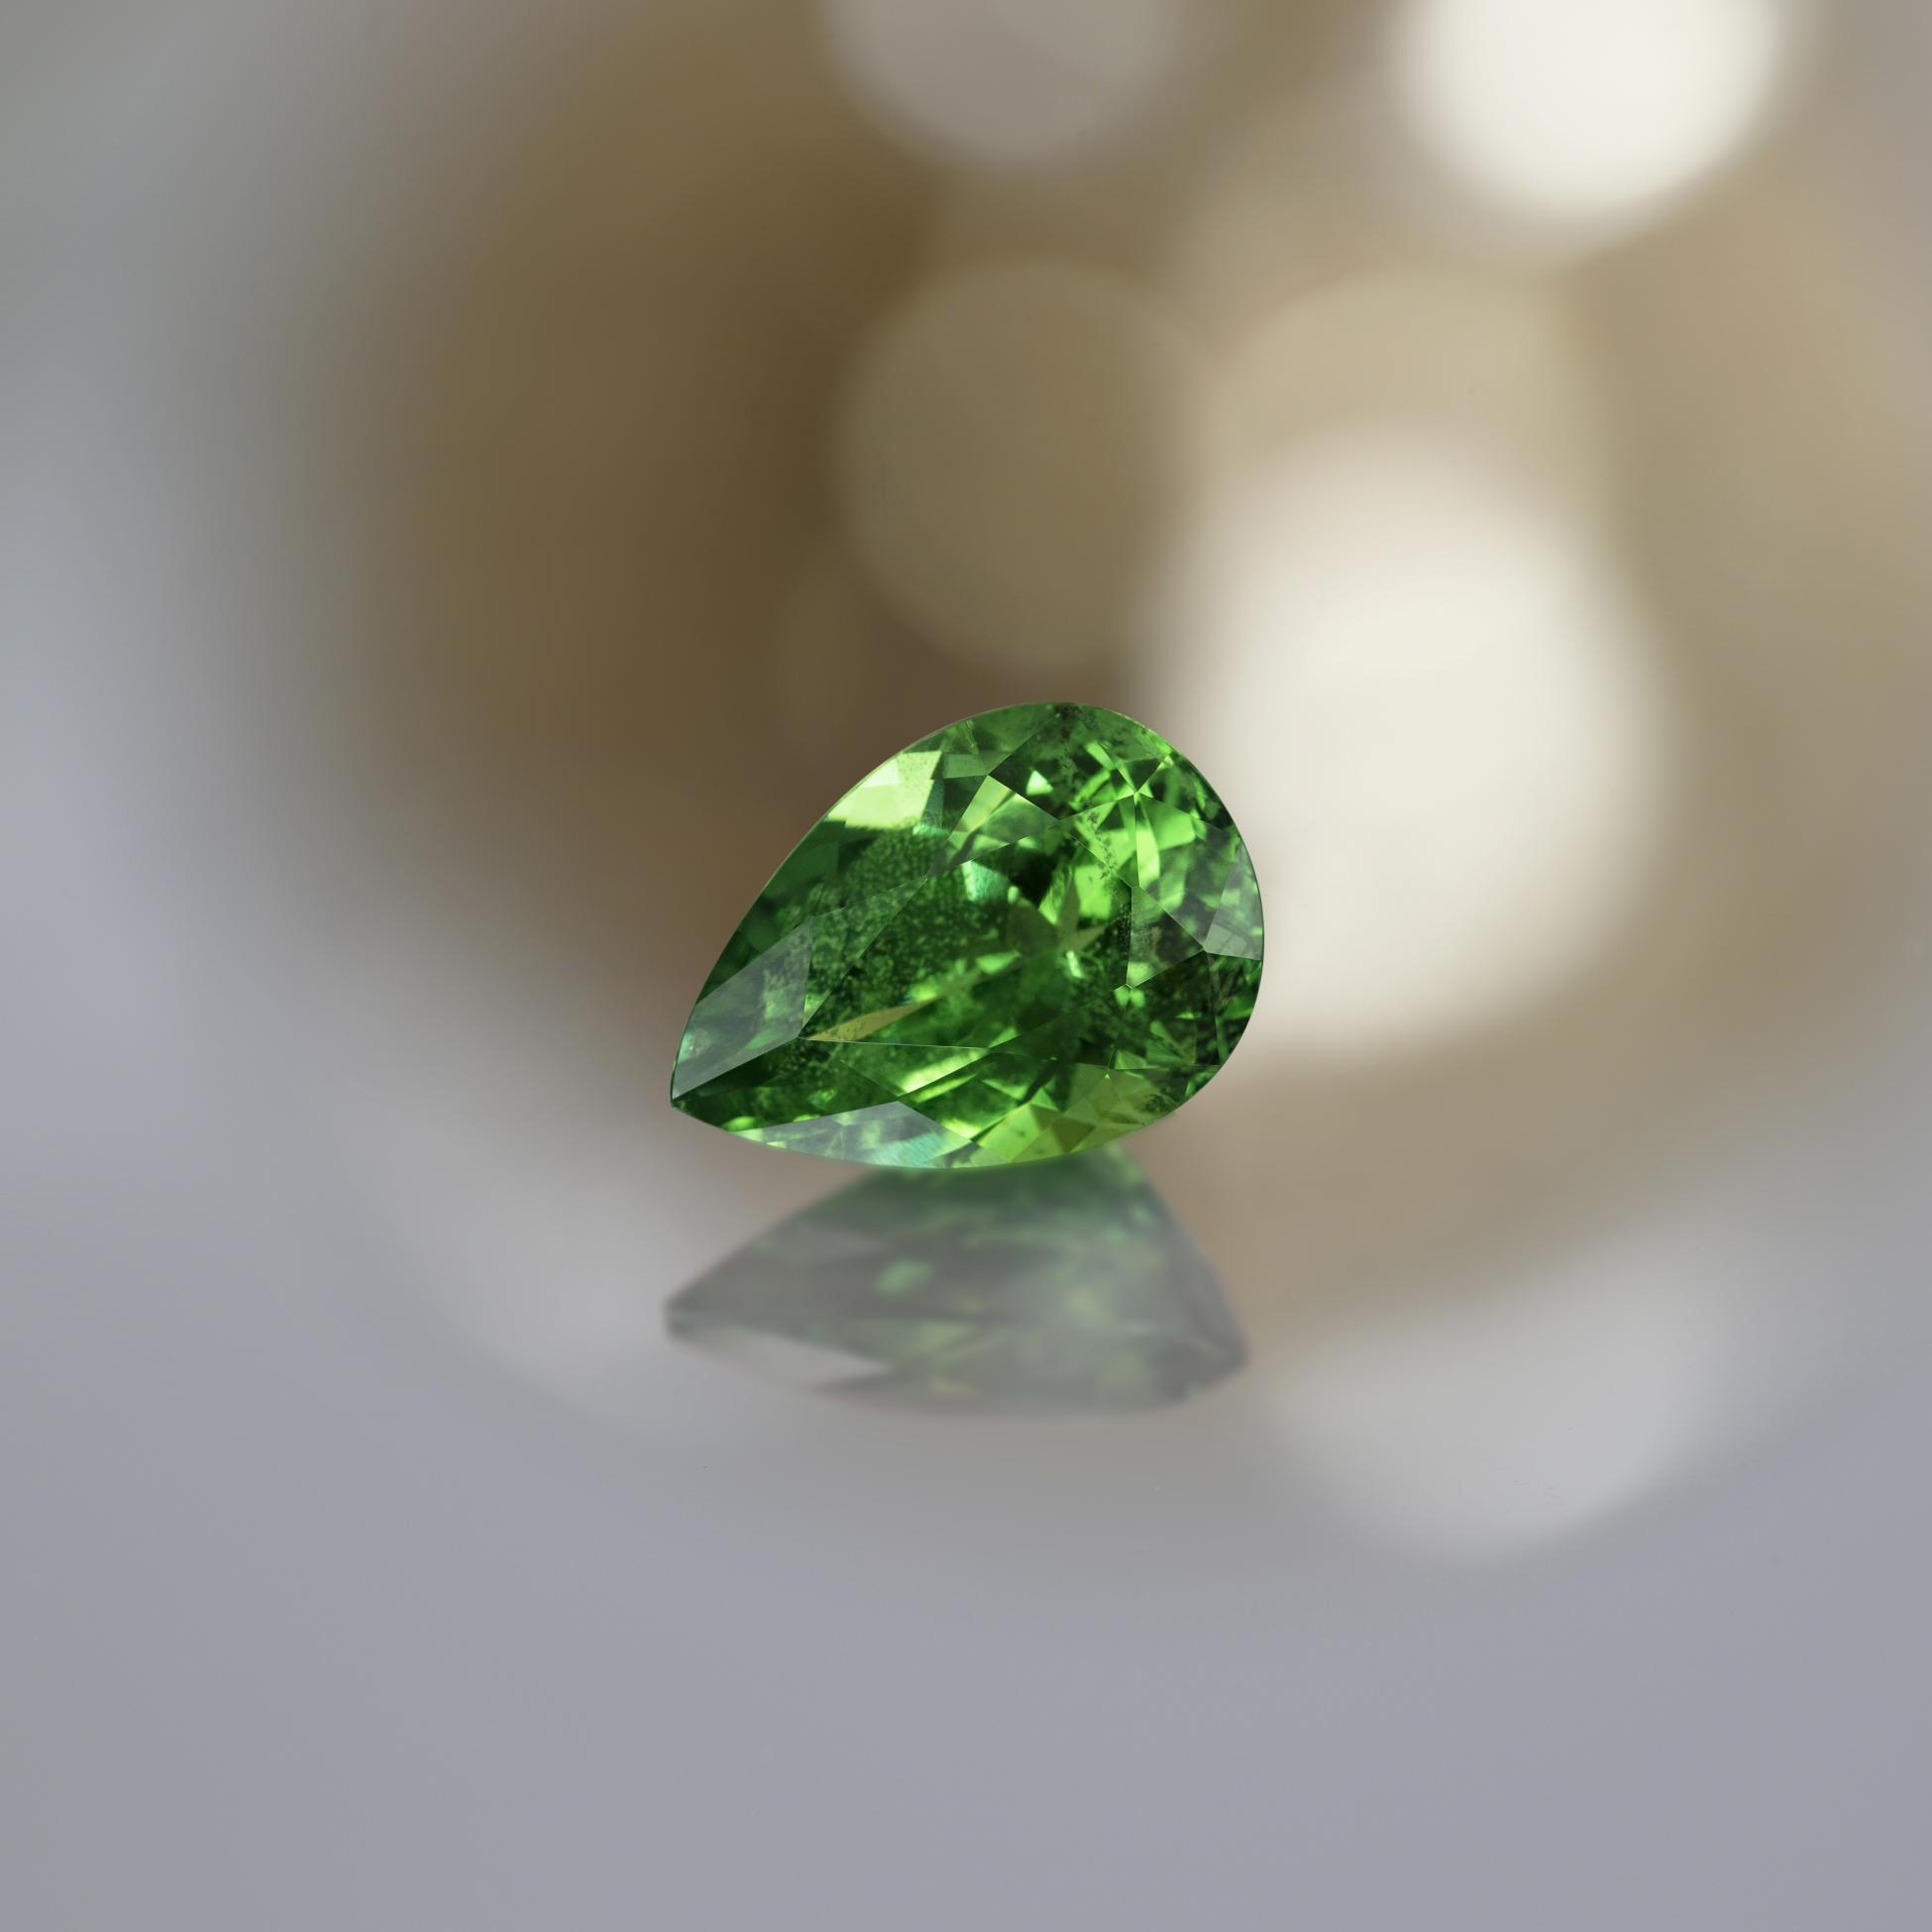 Gübelin - The Emerald